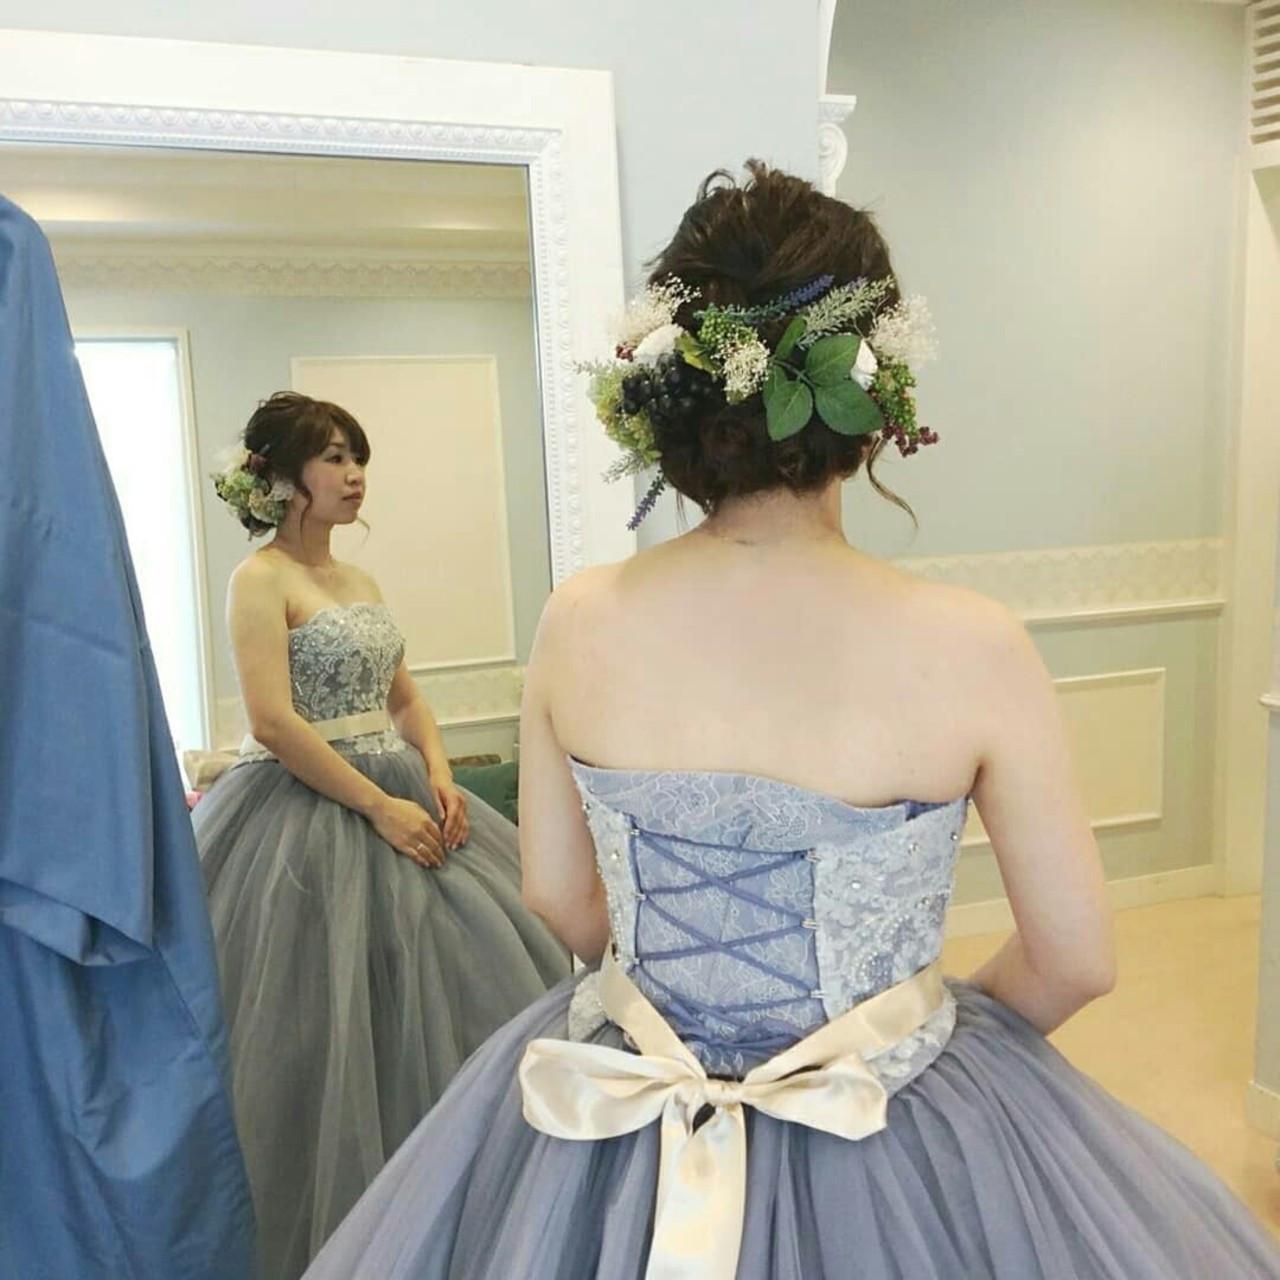 ブルーのカラードレスはすっきり清楚に rumiLINKS美容室